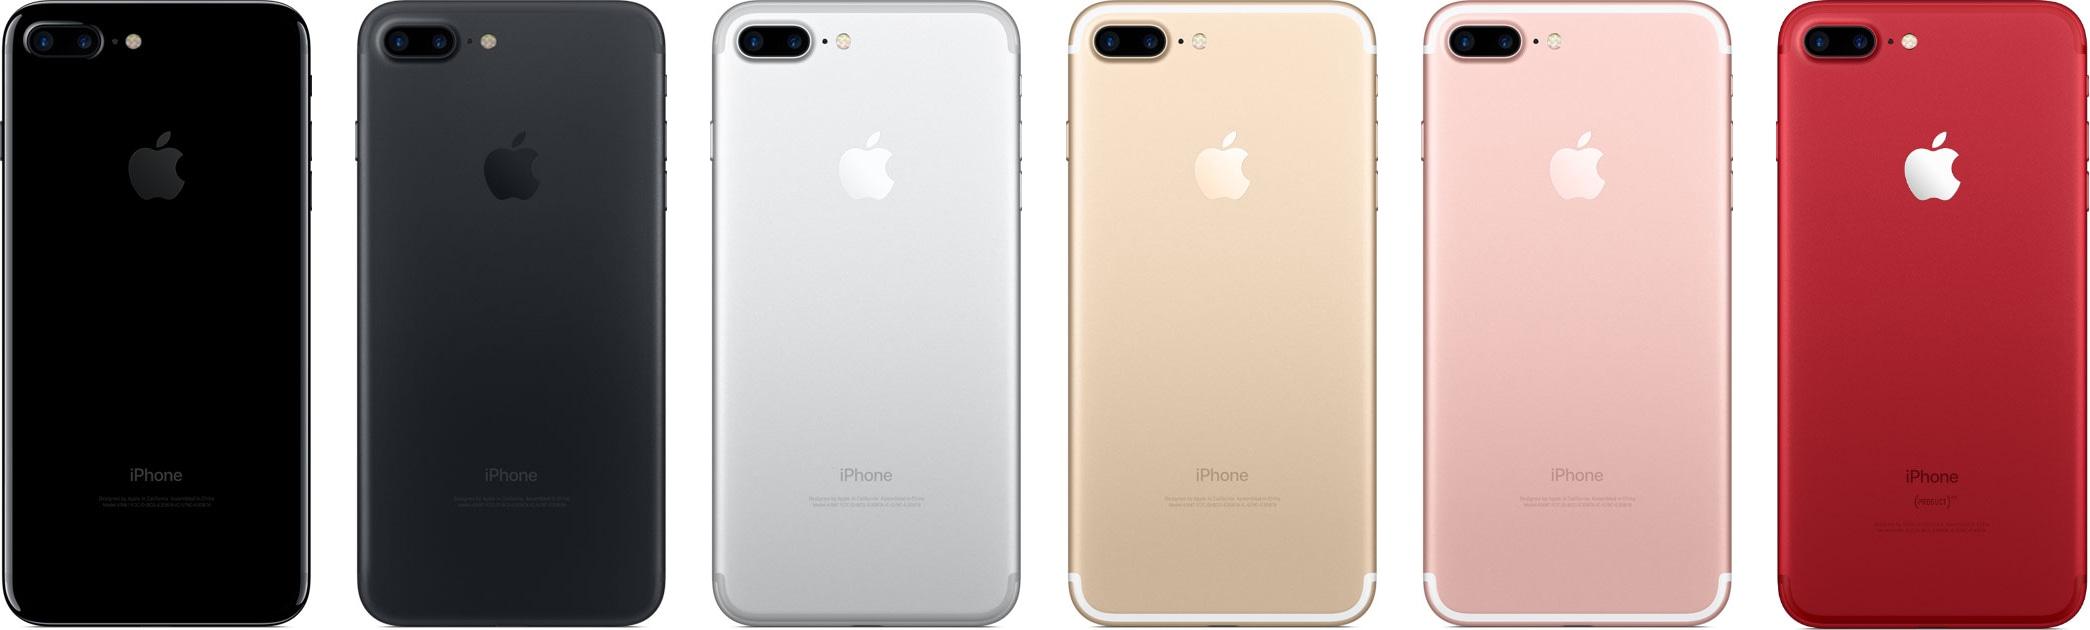 Todas as cores do iPhone 7